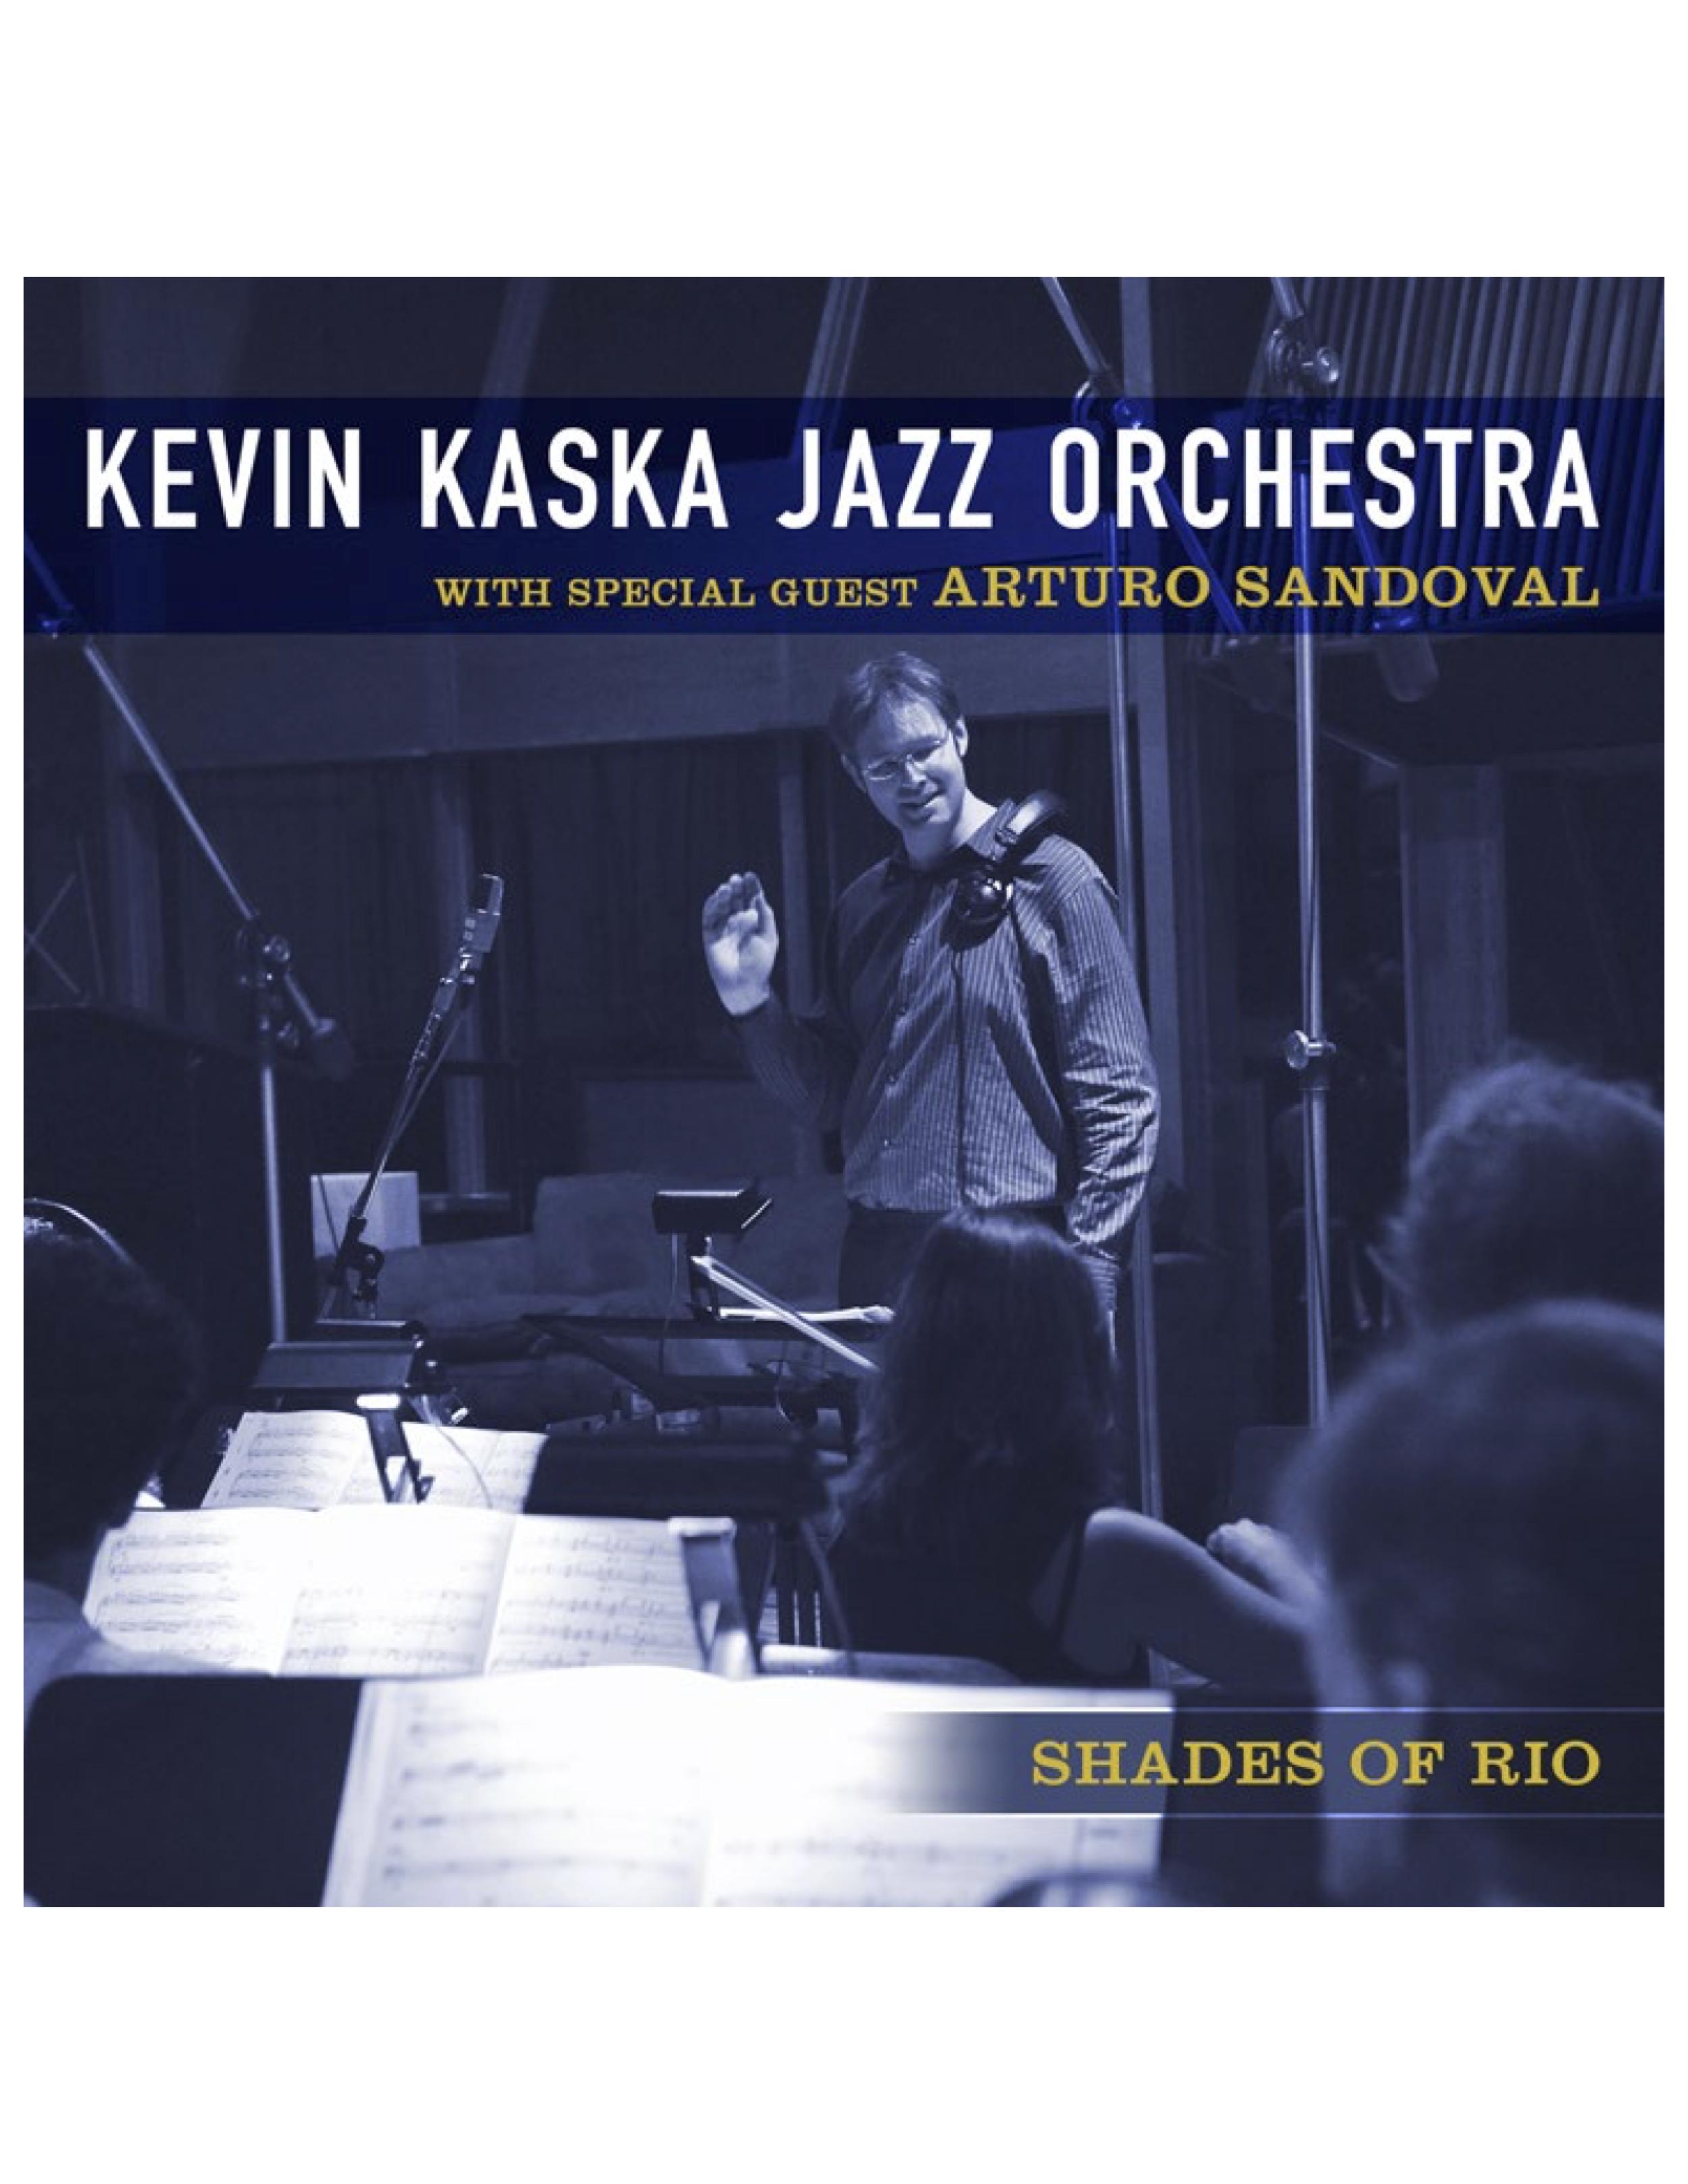 kevin Kaska_shades_of_rio_Jazz_bk.png